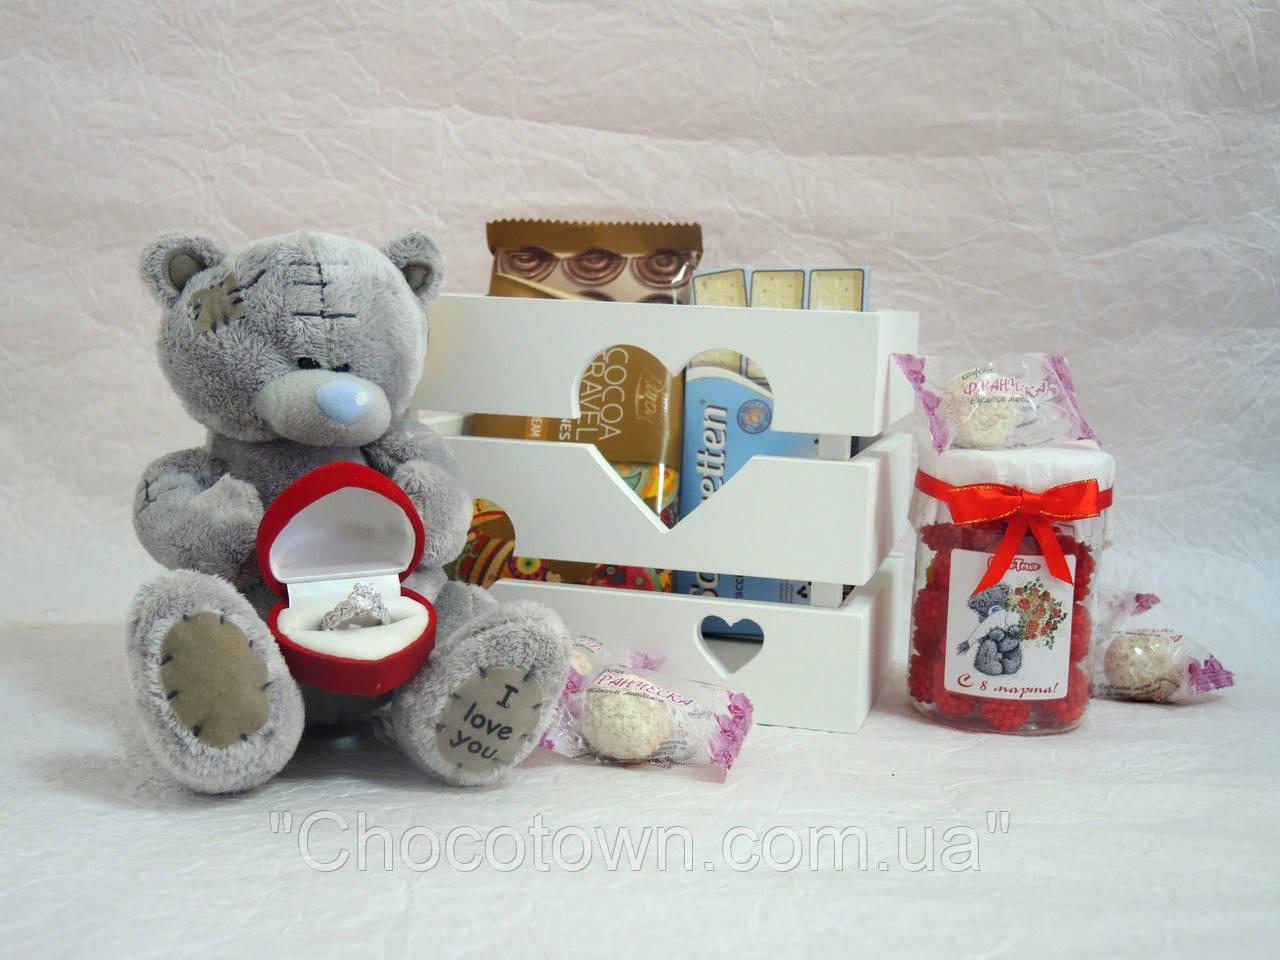 """Подарочный набор """"Мишка с кольцом"""" Арт.130 - Интернет-магазин """"Chocotown"""" в Днепре"""